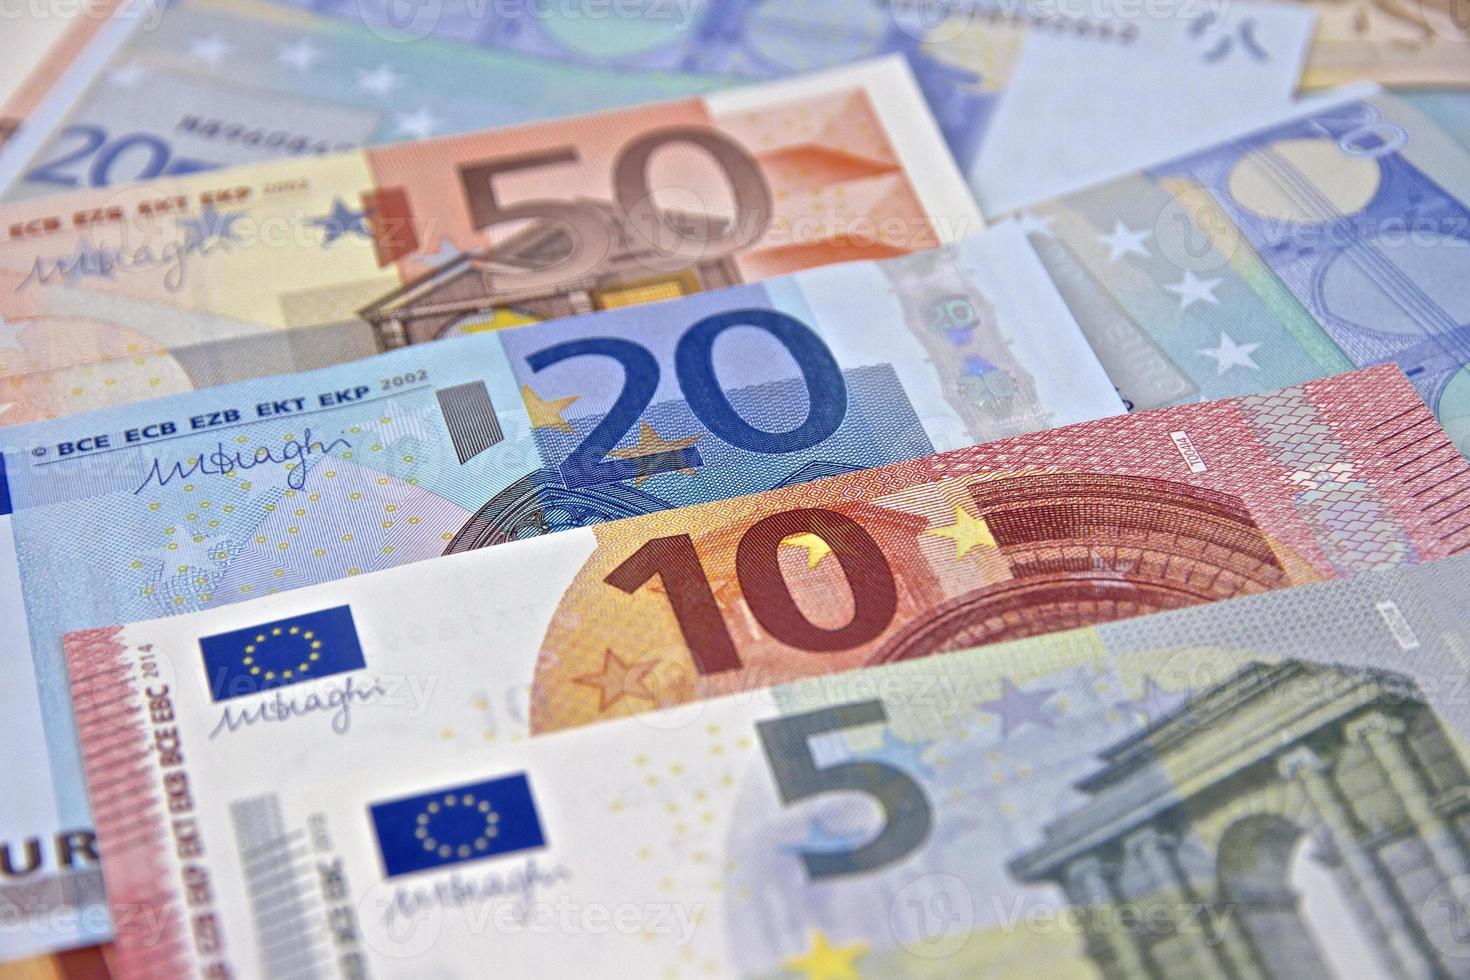 dinero - billetes en euros - moneda de la unión europea foto